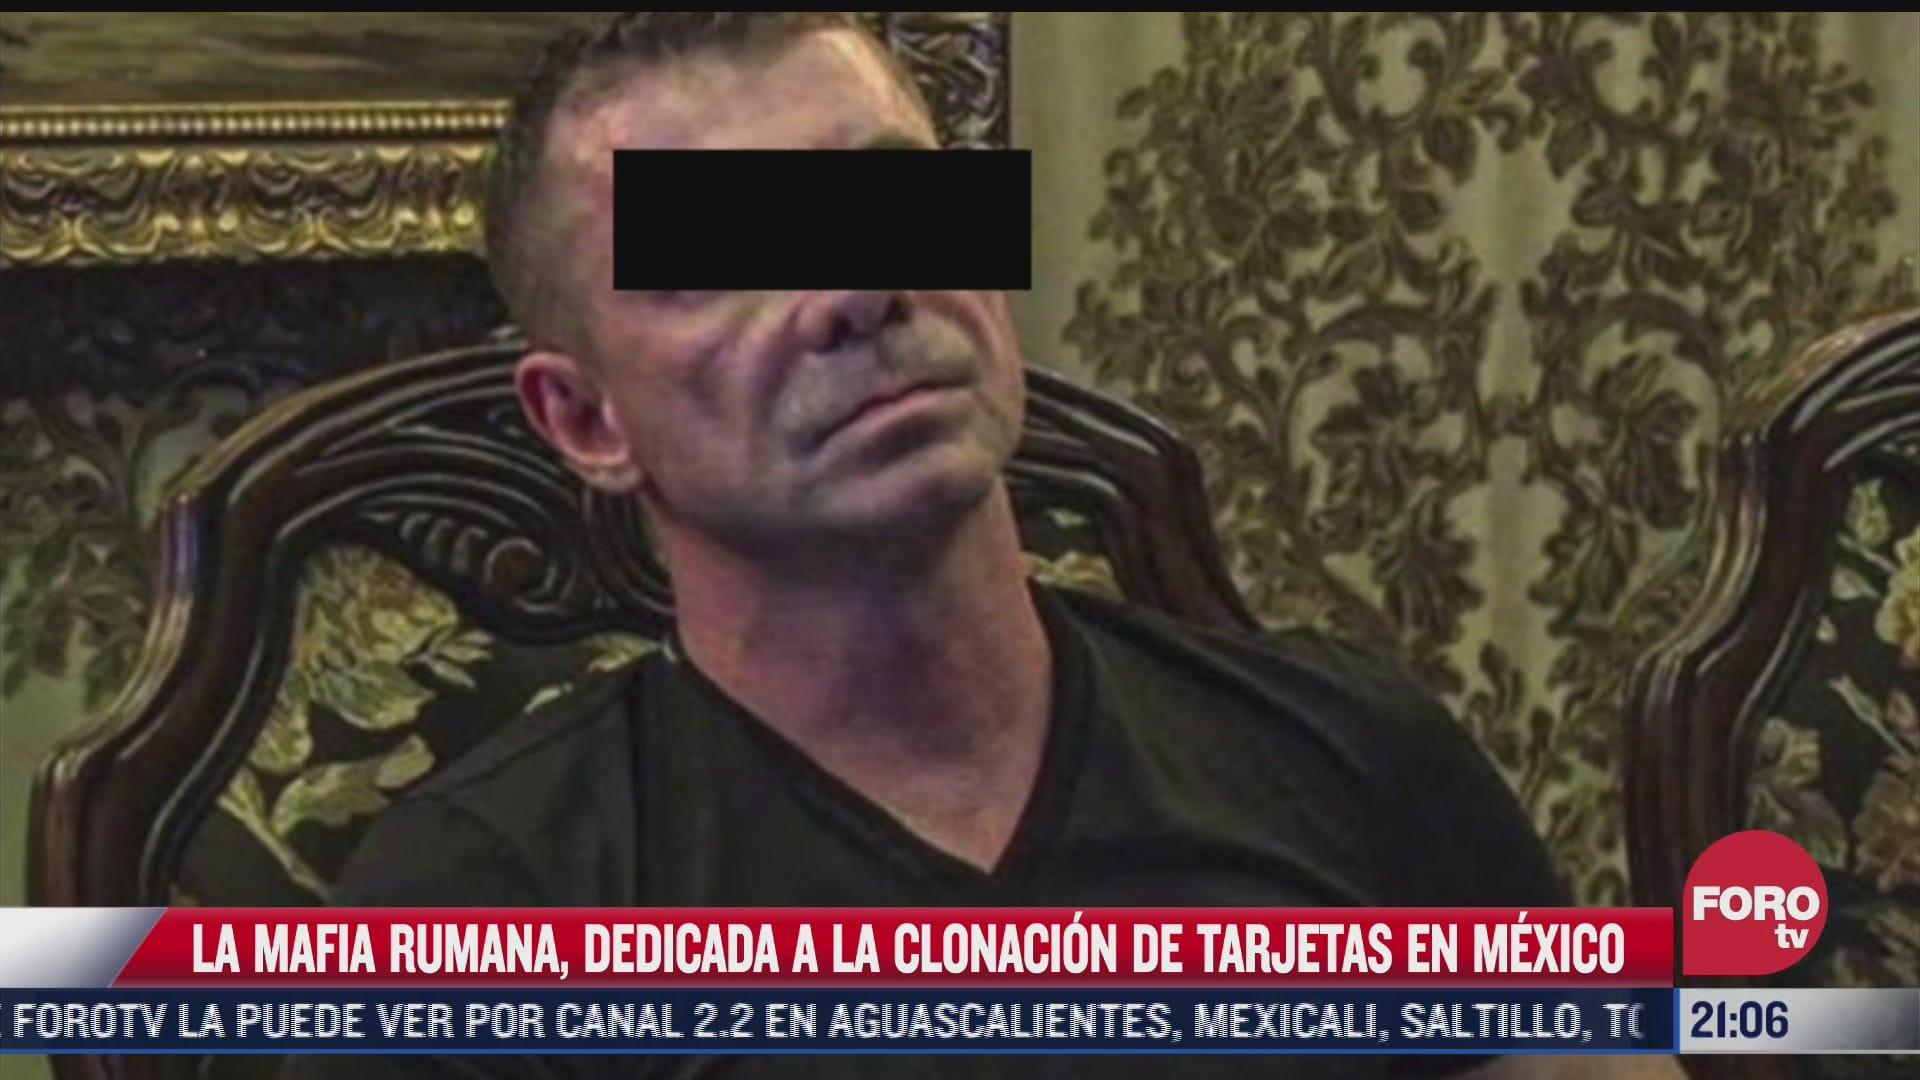 asi opera la mafia rumana en mexico